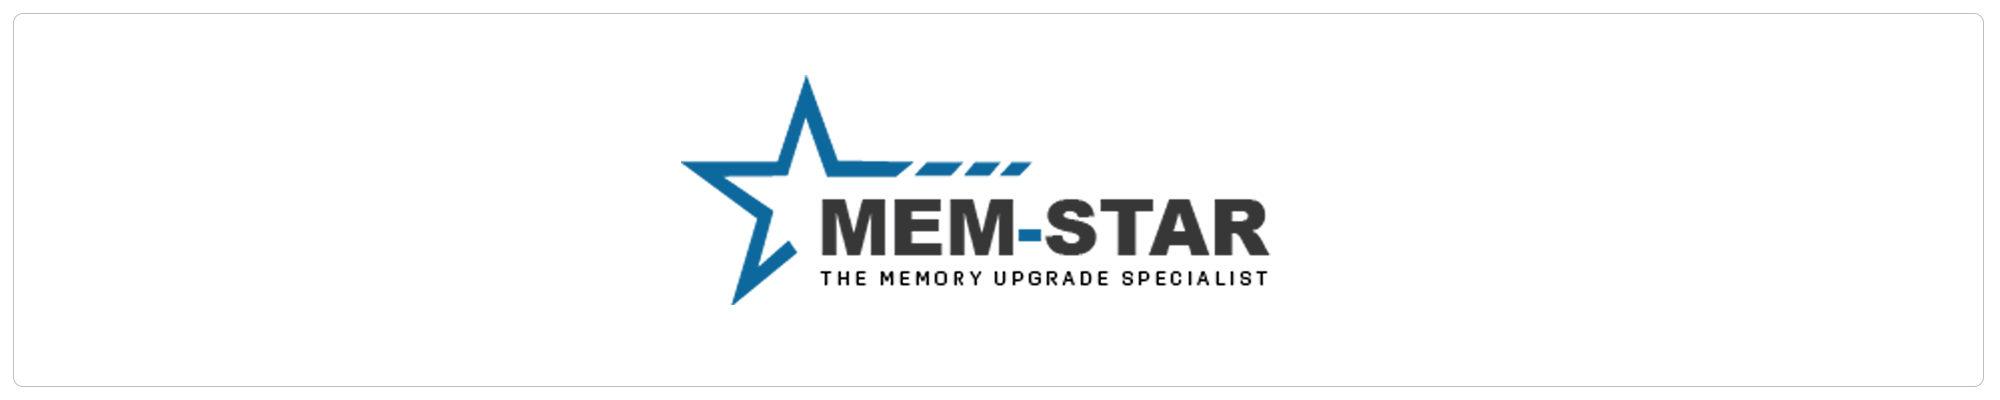 mem-star logo